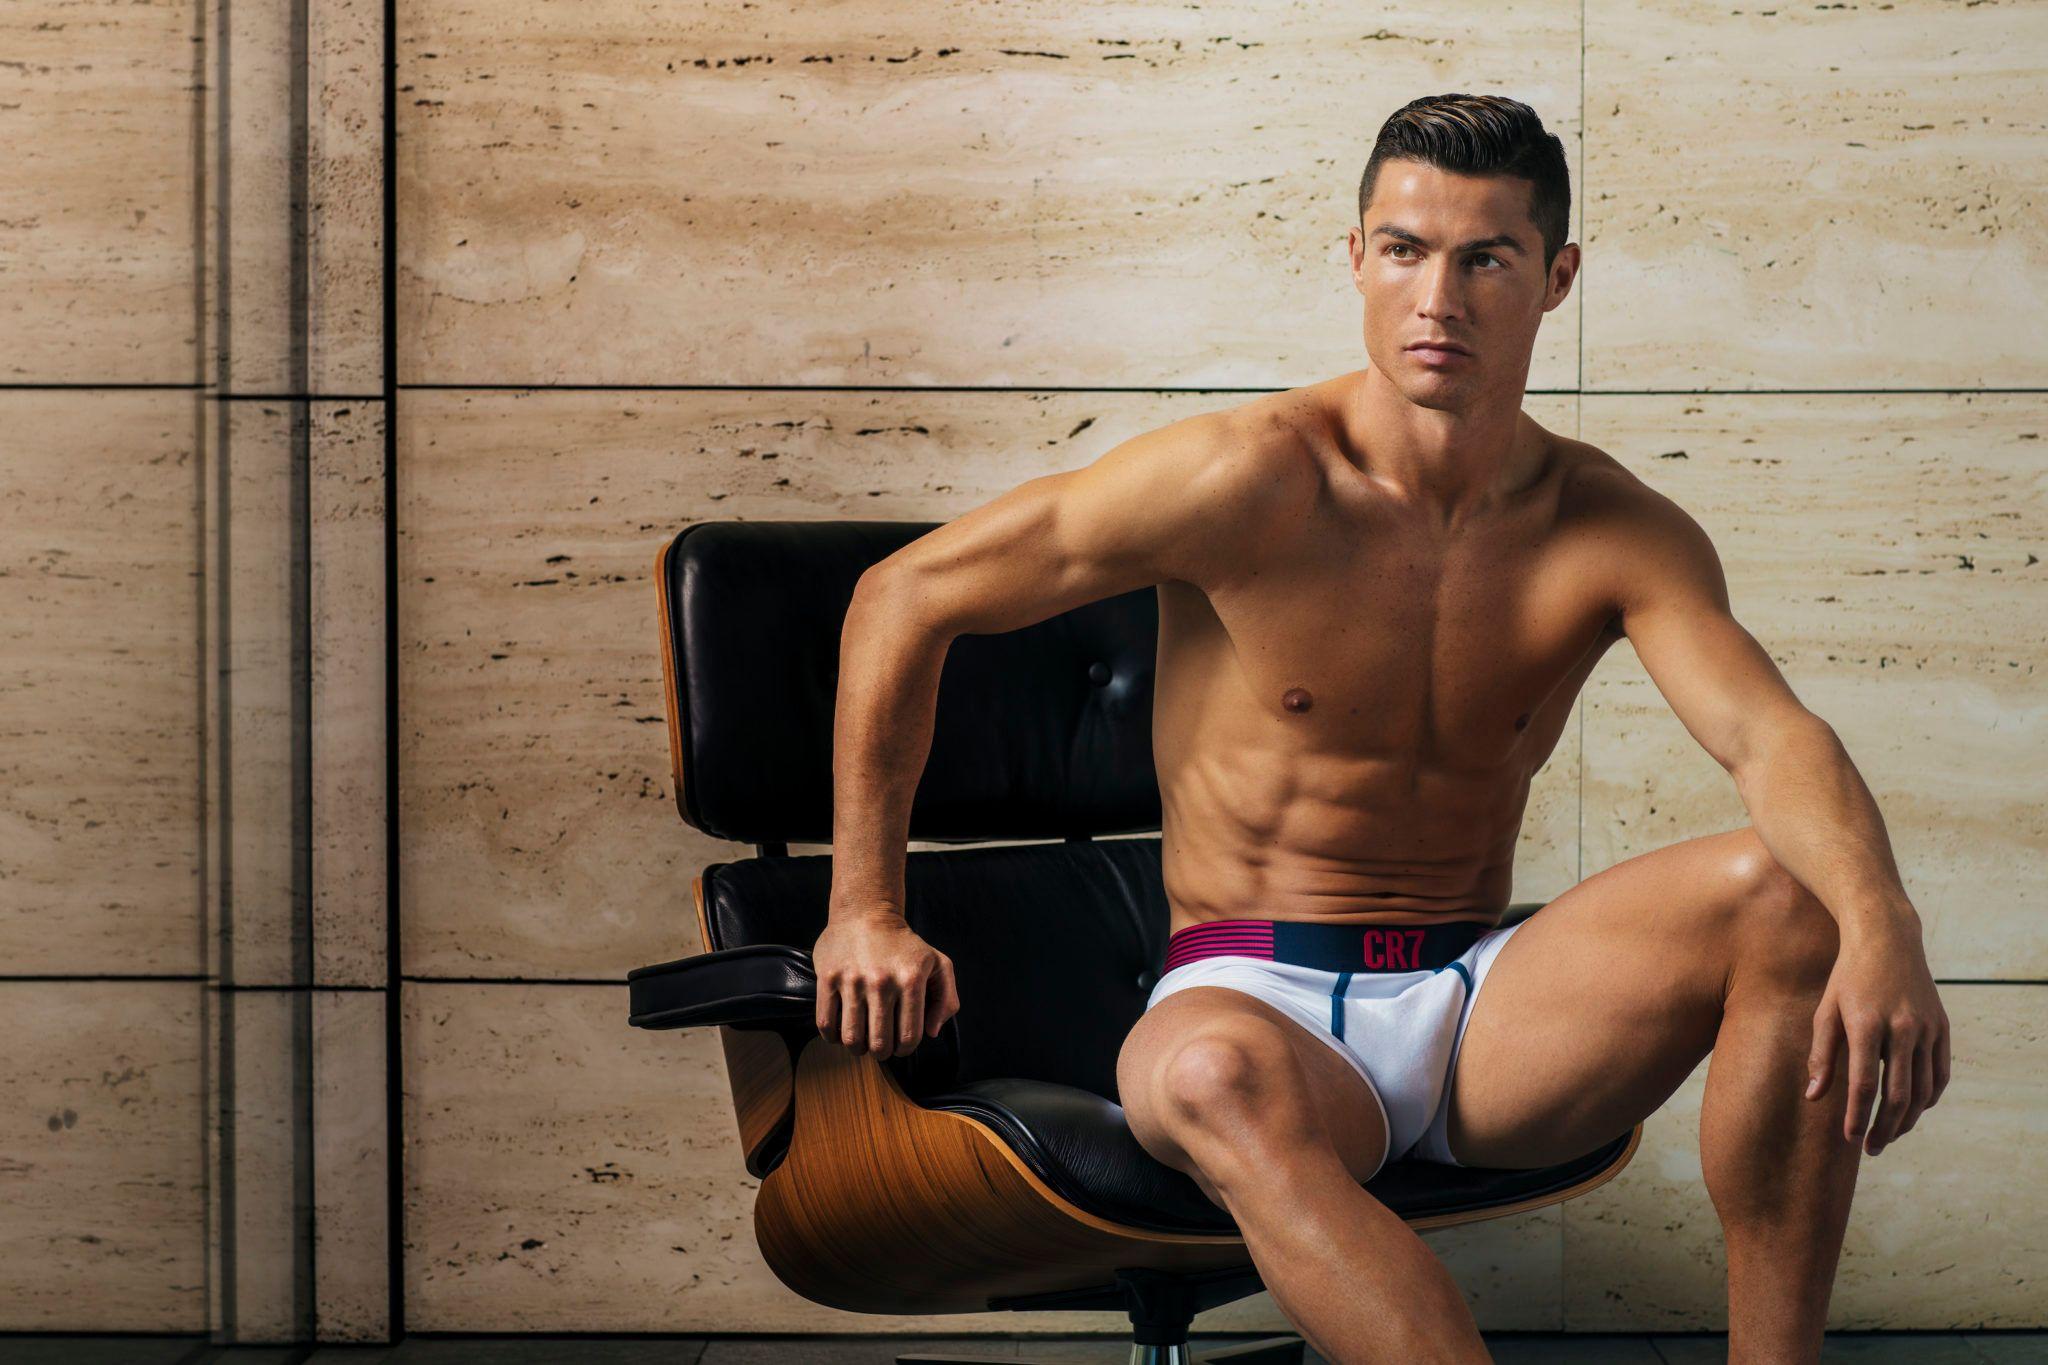 Cristiano Ronaldo Sprung